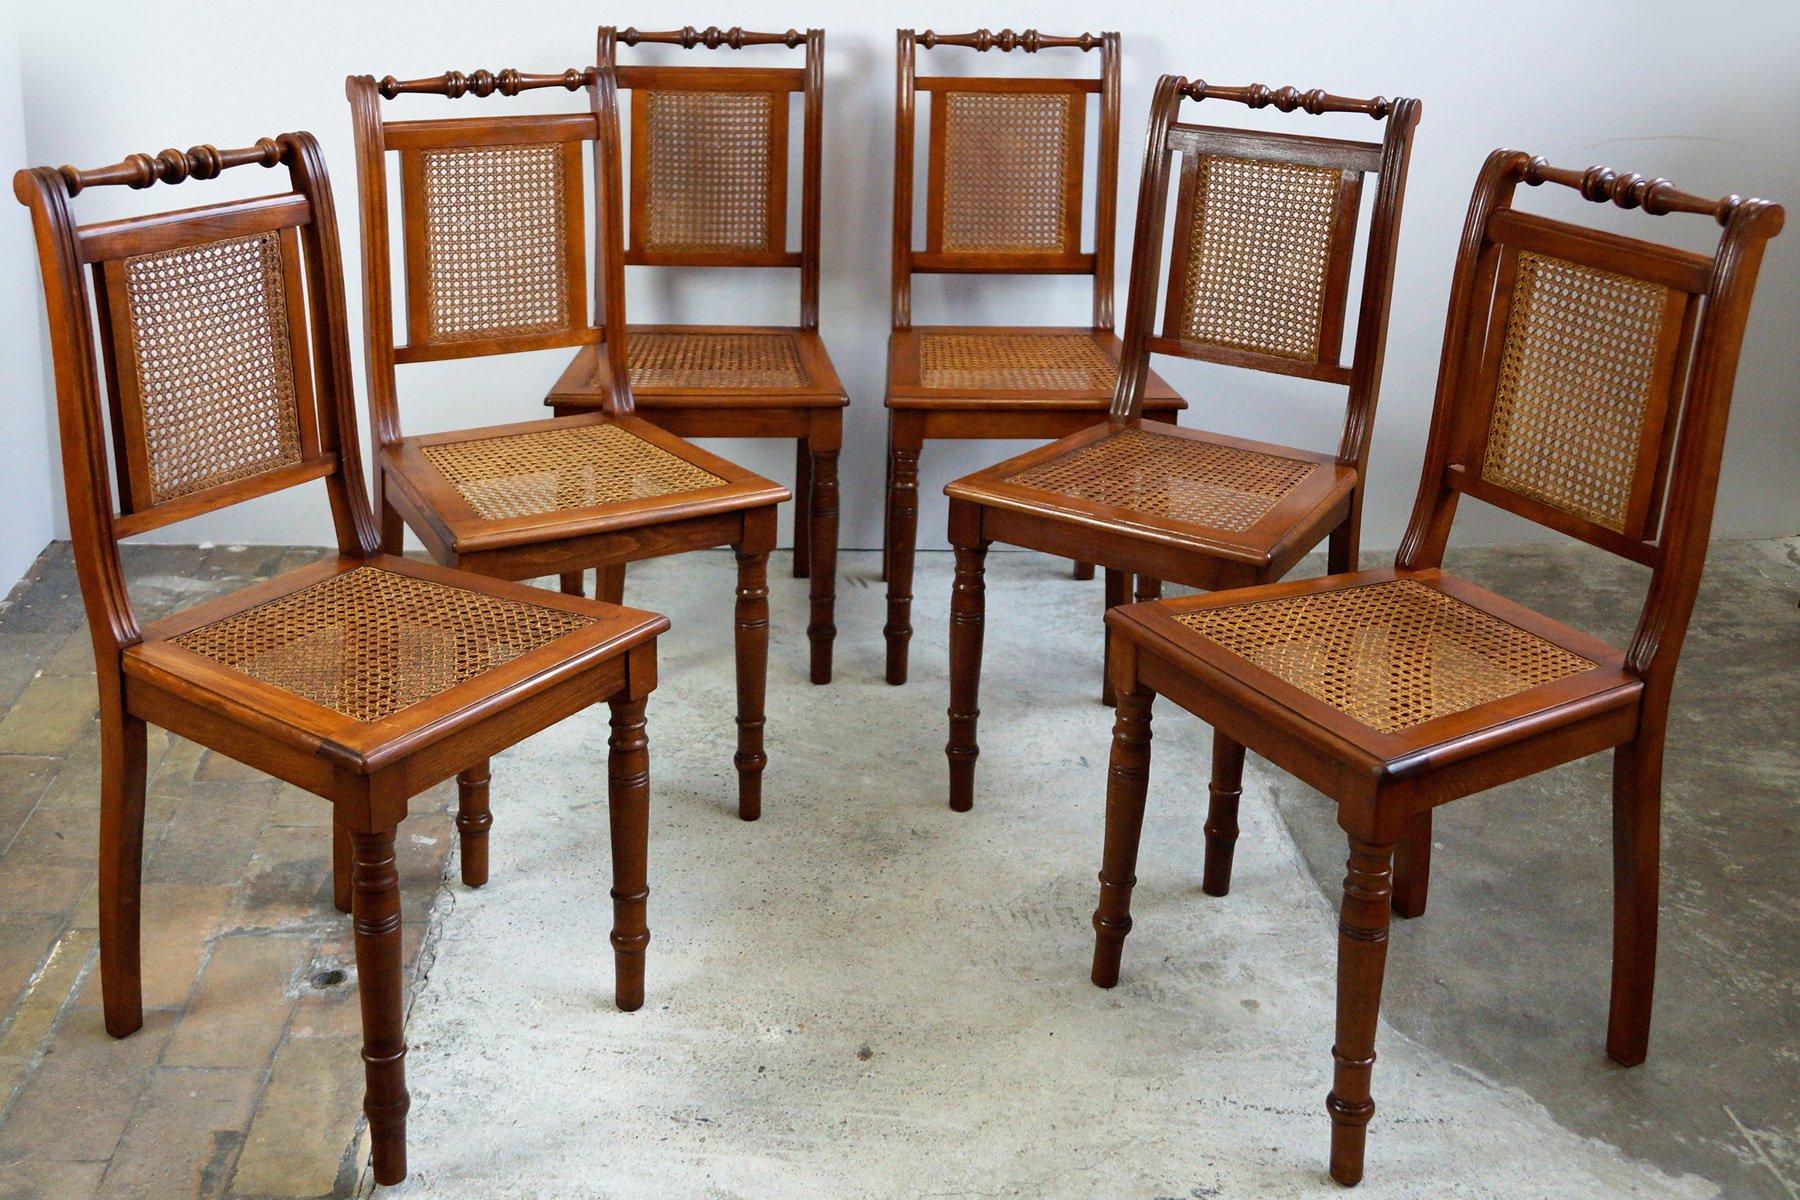 Sillas de comedor de nogal con asientos de mimbre trenzado, década ...